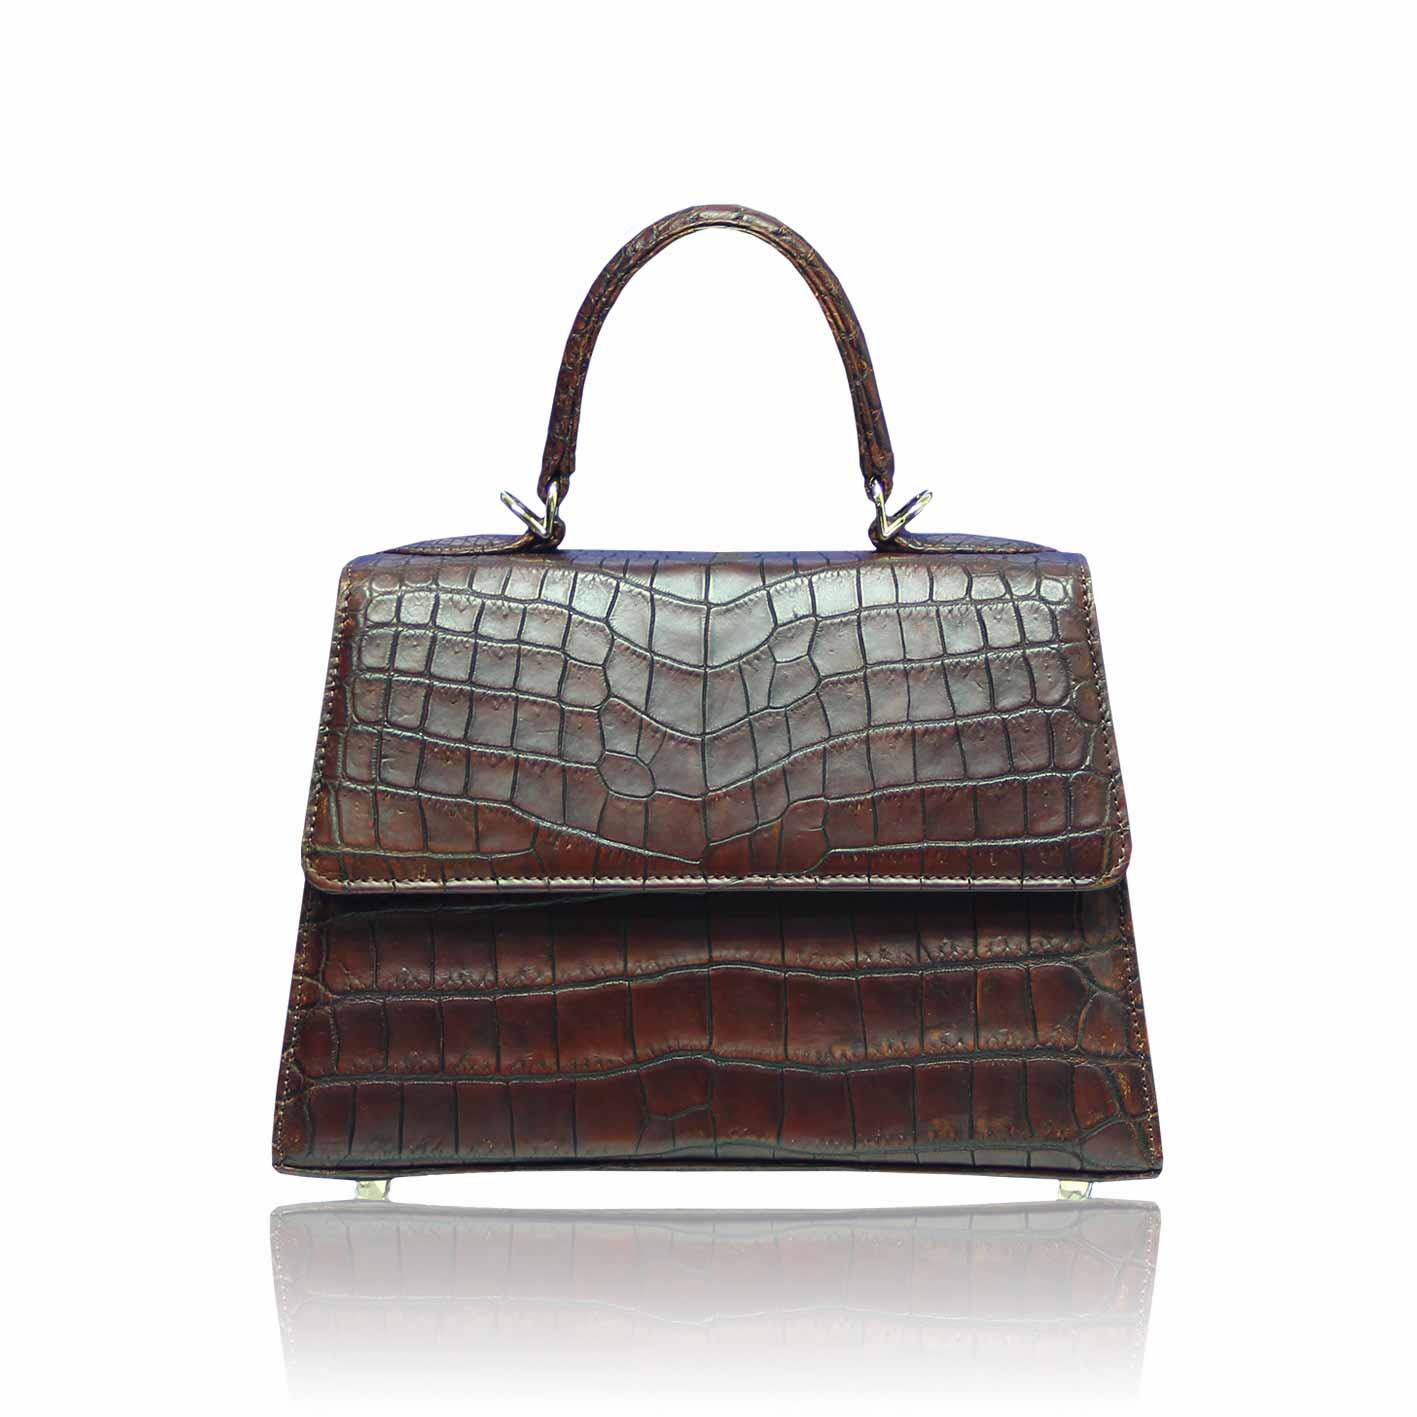 Goldmas Brown Crocodile Leather Bag